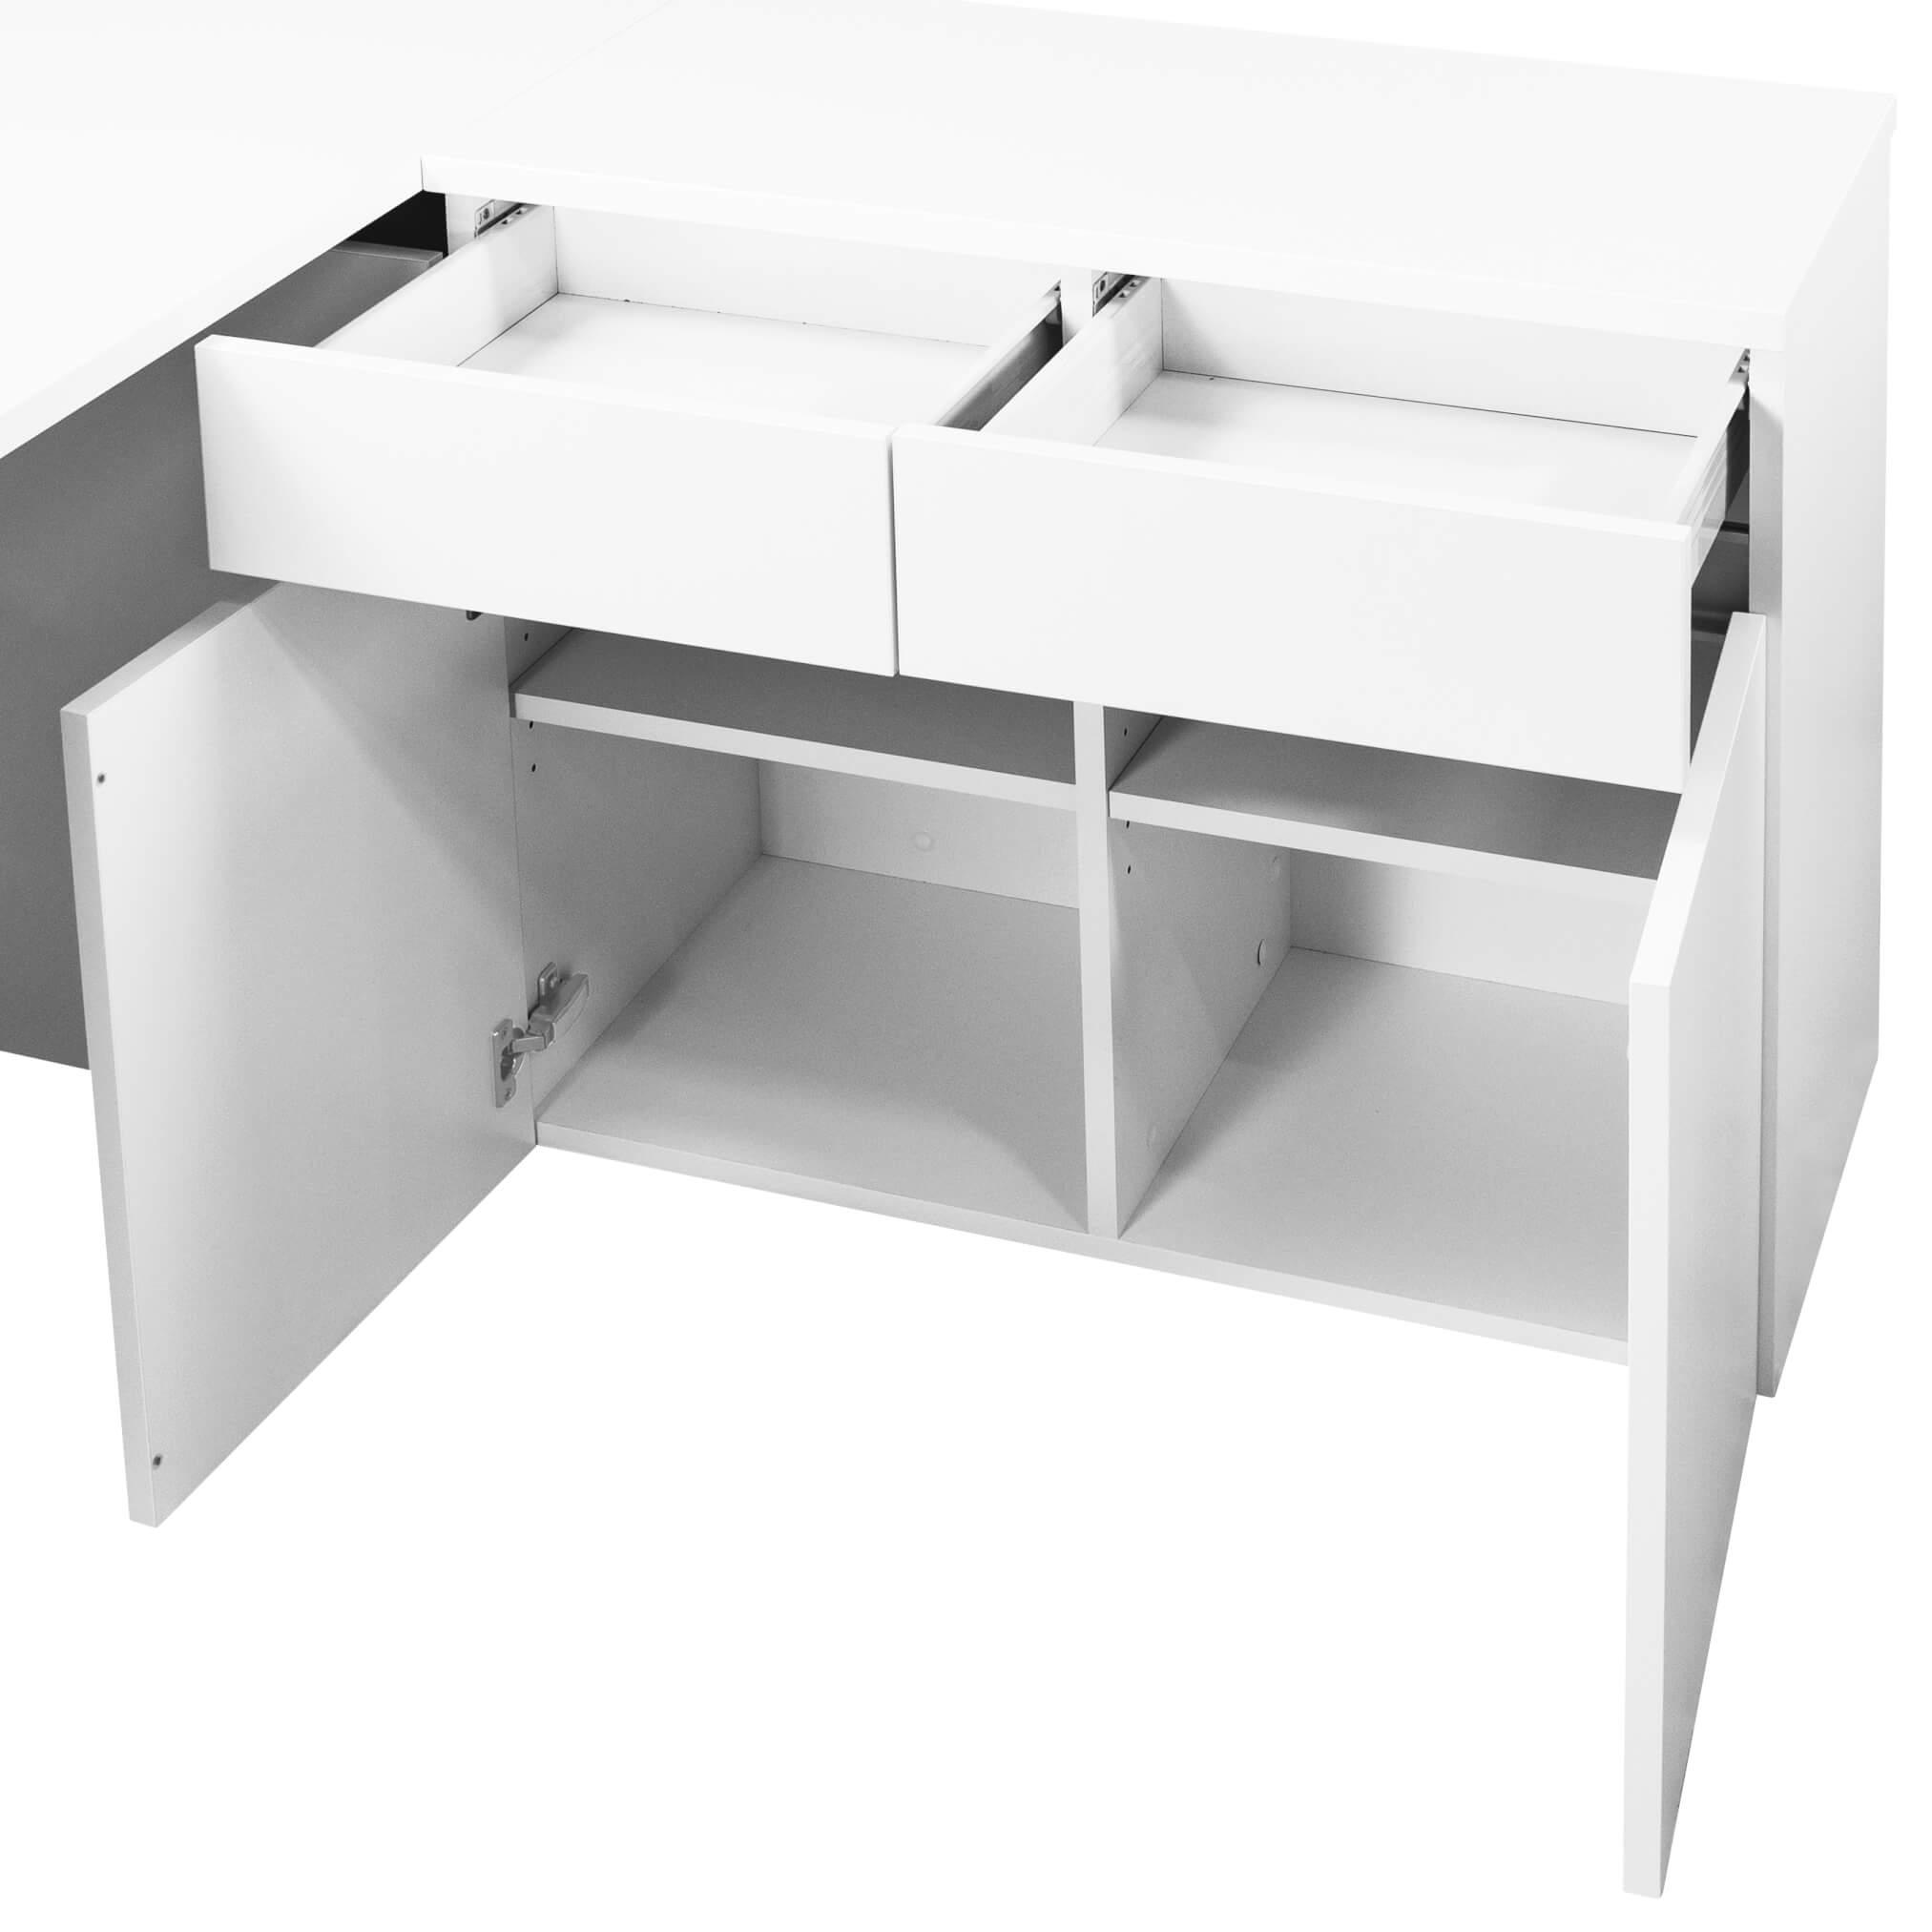 2er Team-Schreibtisch AIR mit integrierten Sideboards Gruppenarbeitsplatz Bench Doppel-Arbeitsplatz